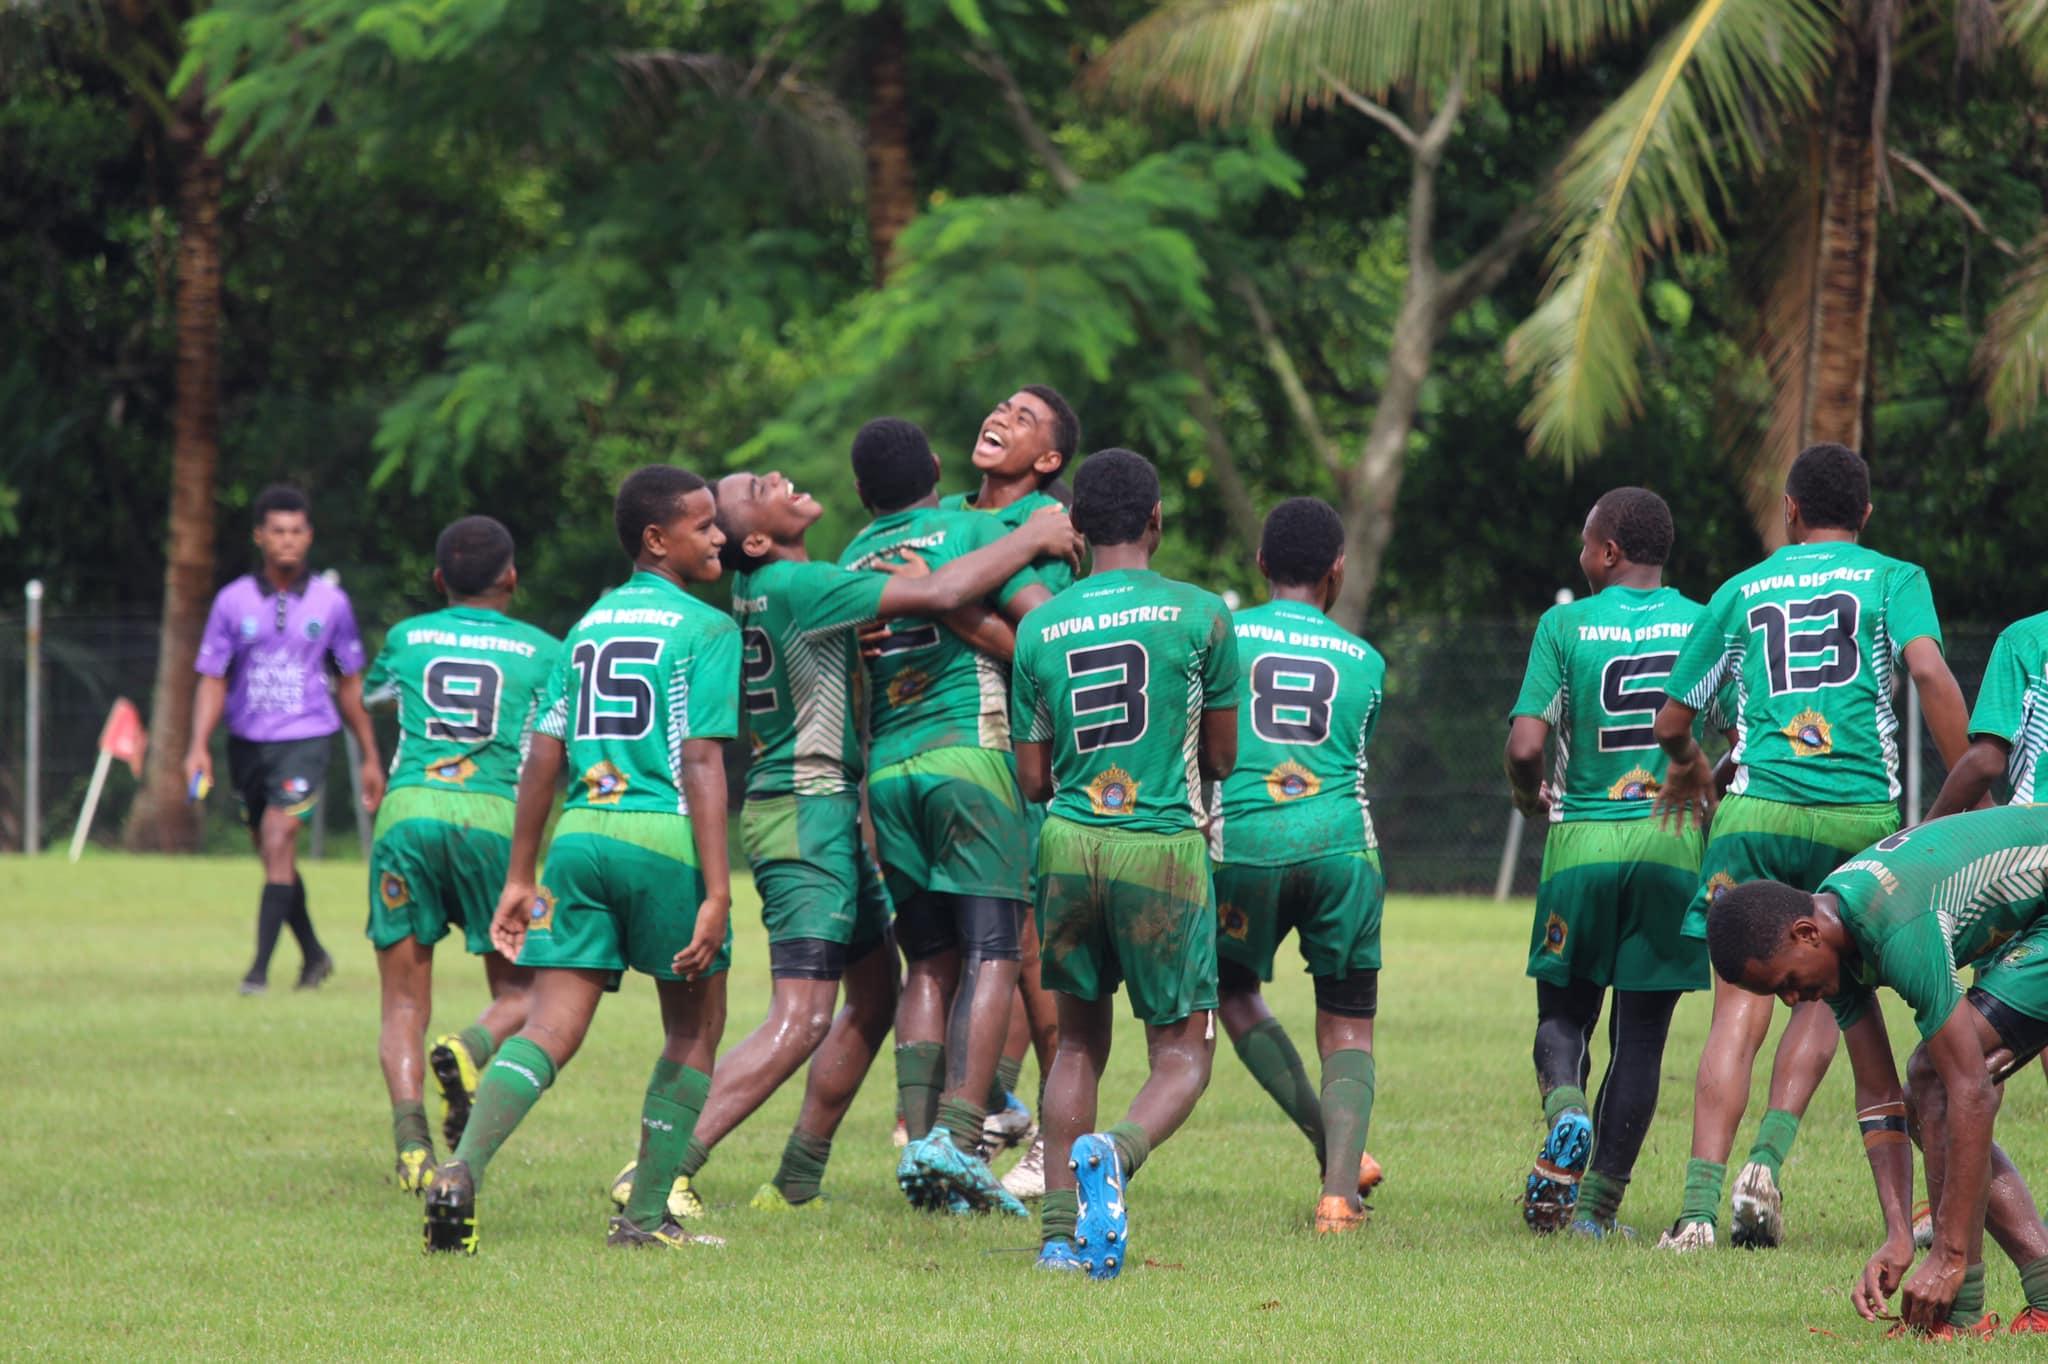 Fiji Secondary Schools National Semi Finals this Saturday